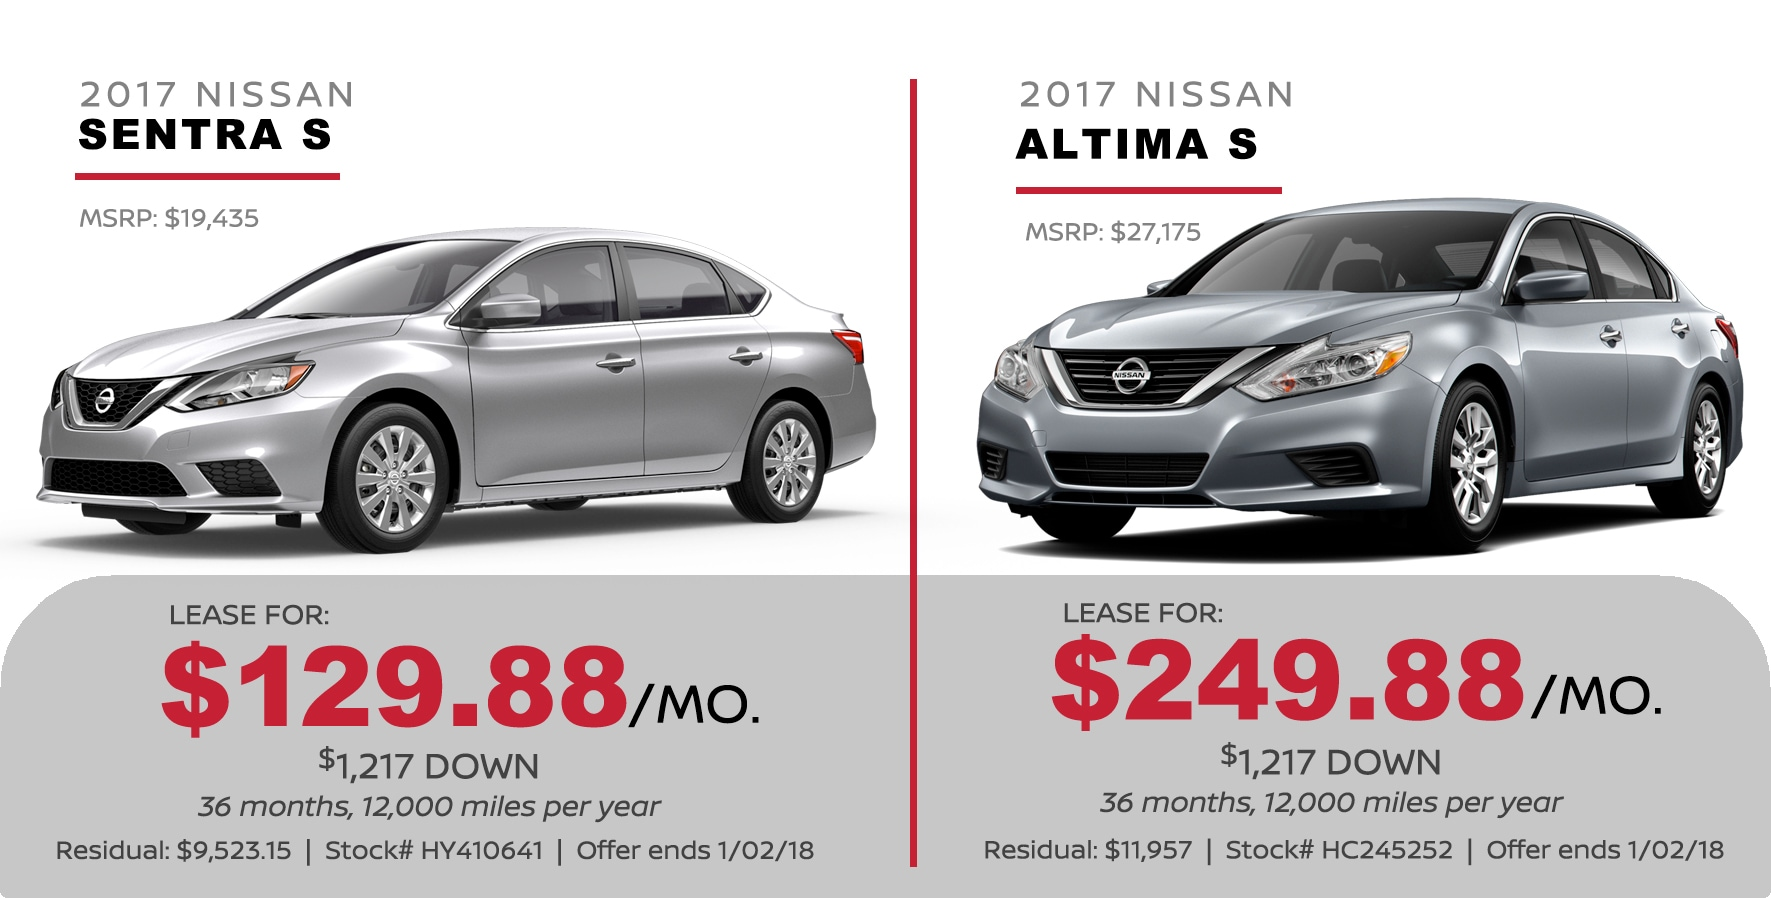 Nissan Employee Lease Website Best Car Update 2019 2020 By